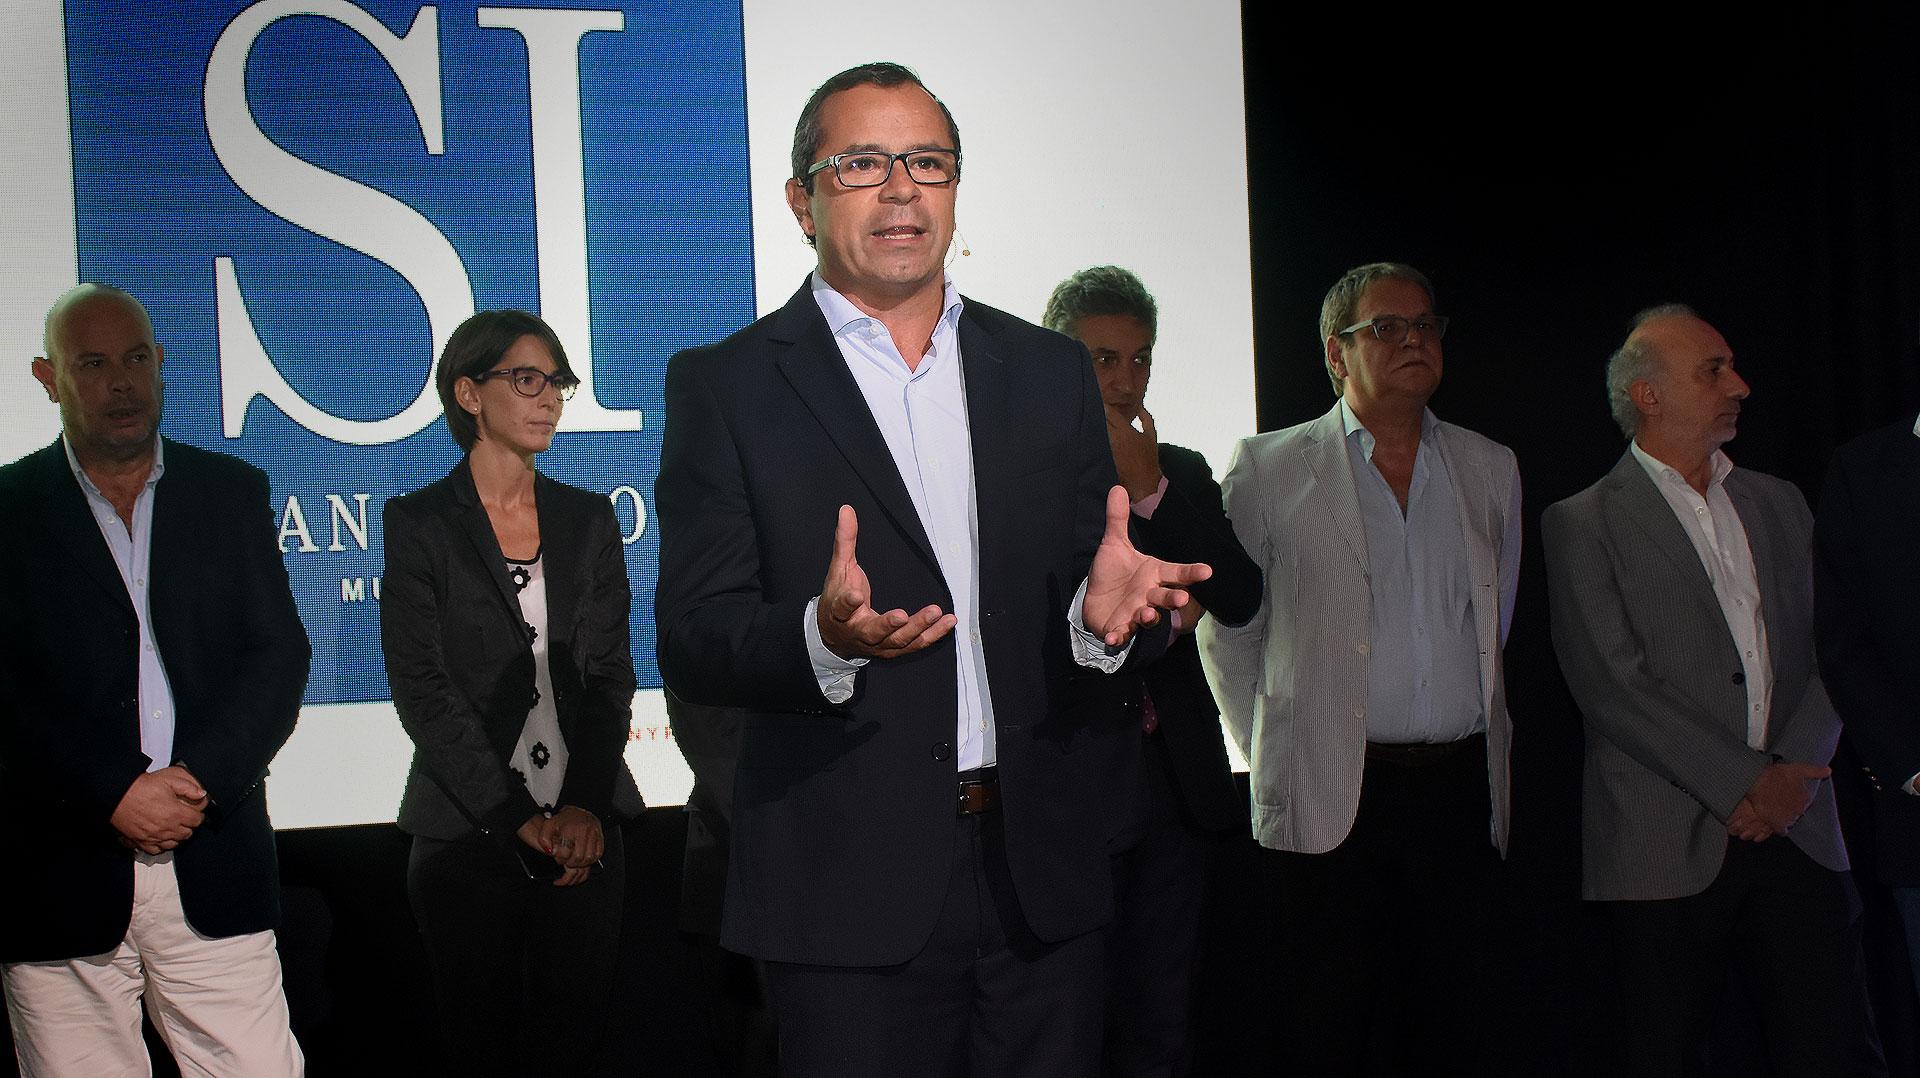 Gastón Urquiza, director ejecutivo de la Fundación Metropolitana, cuyo objetivo es lograr una mayor equidad, inclusión social y desarrollo sustentable